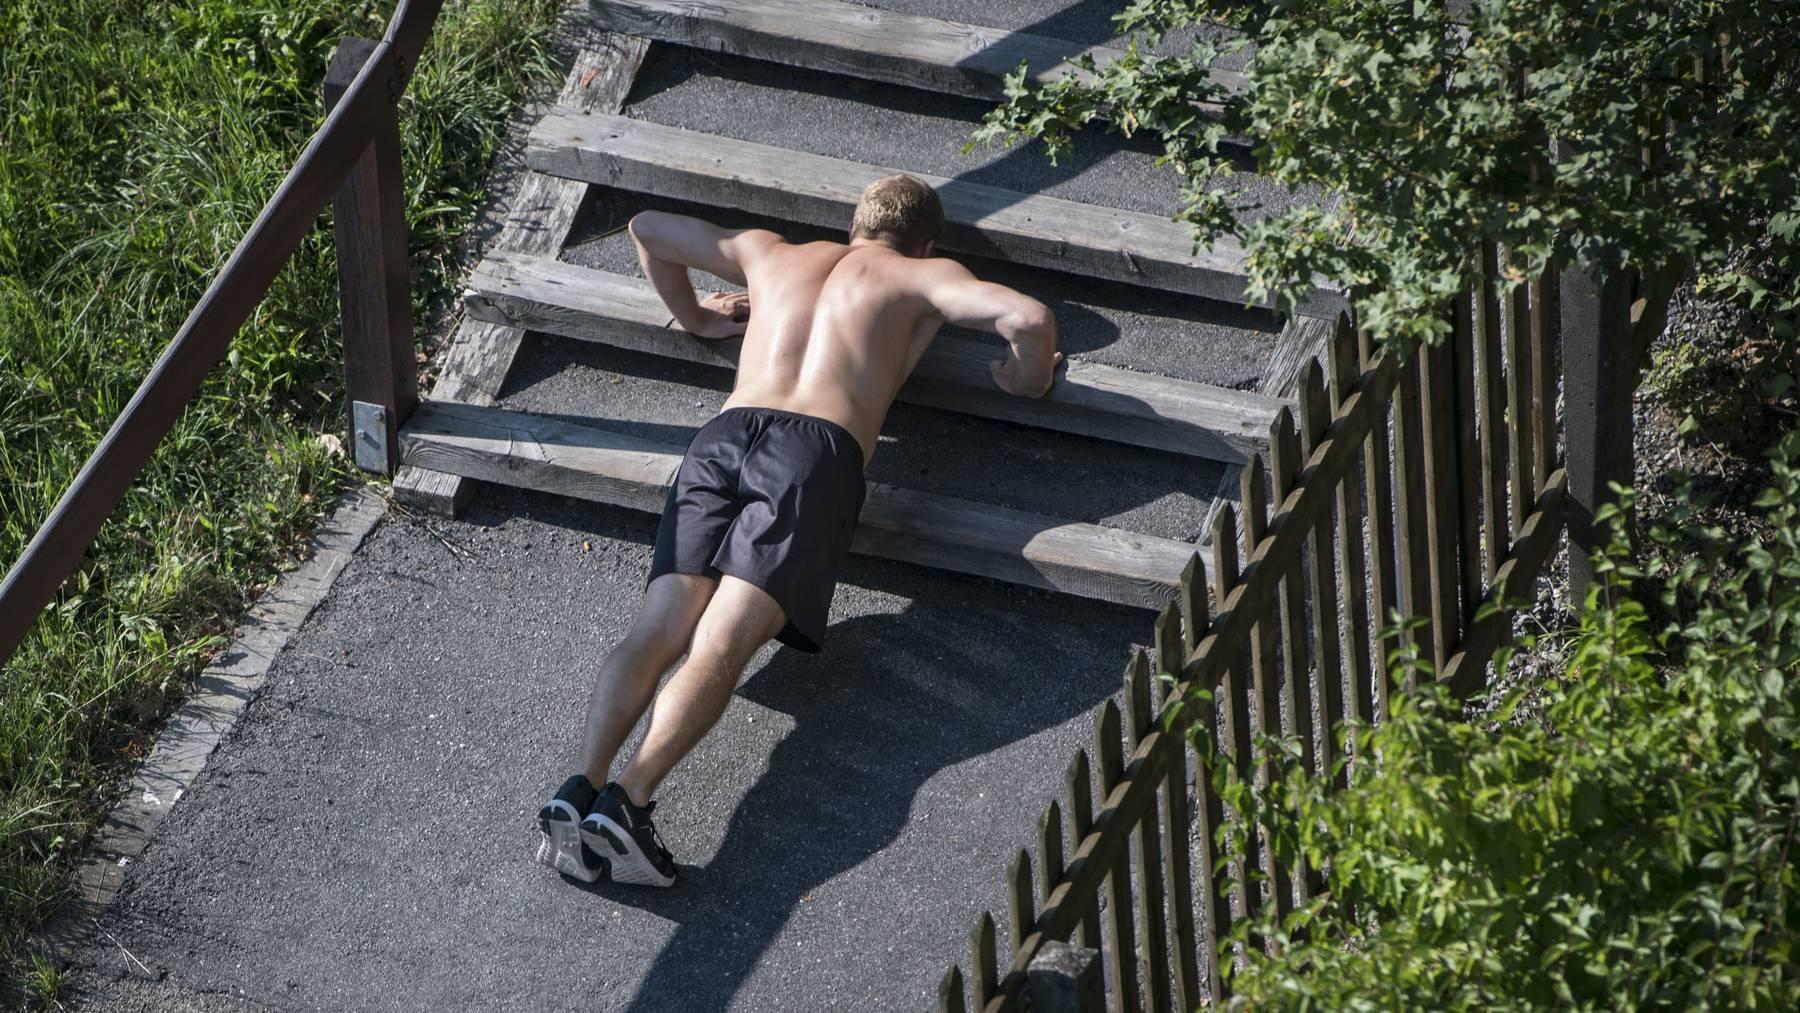 Stägestadt-Tag am Sonntag: Ein Mann trainiert auf einer Treppe, in St. Gallen.